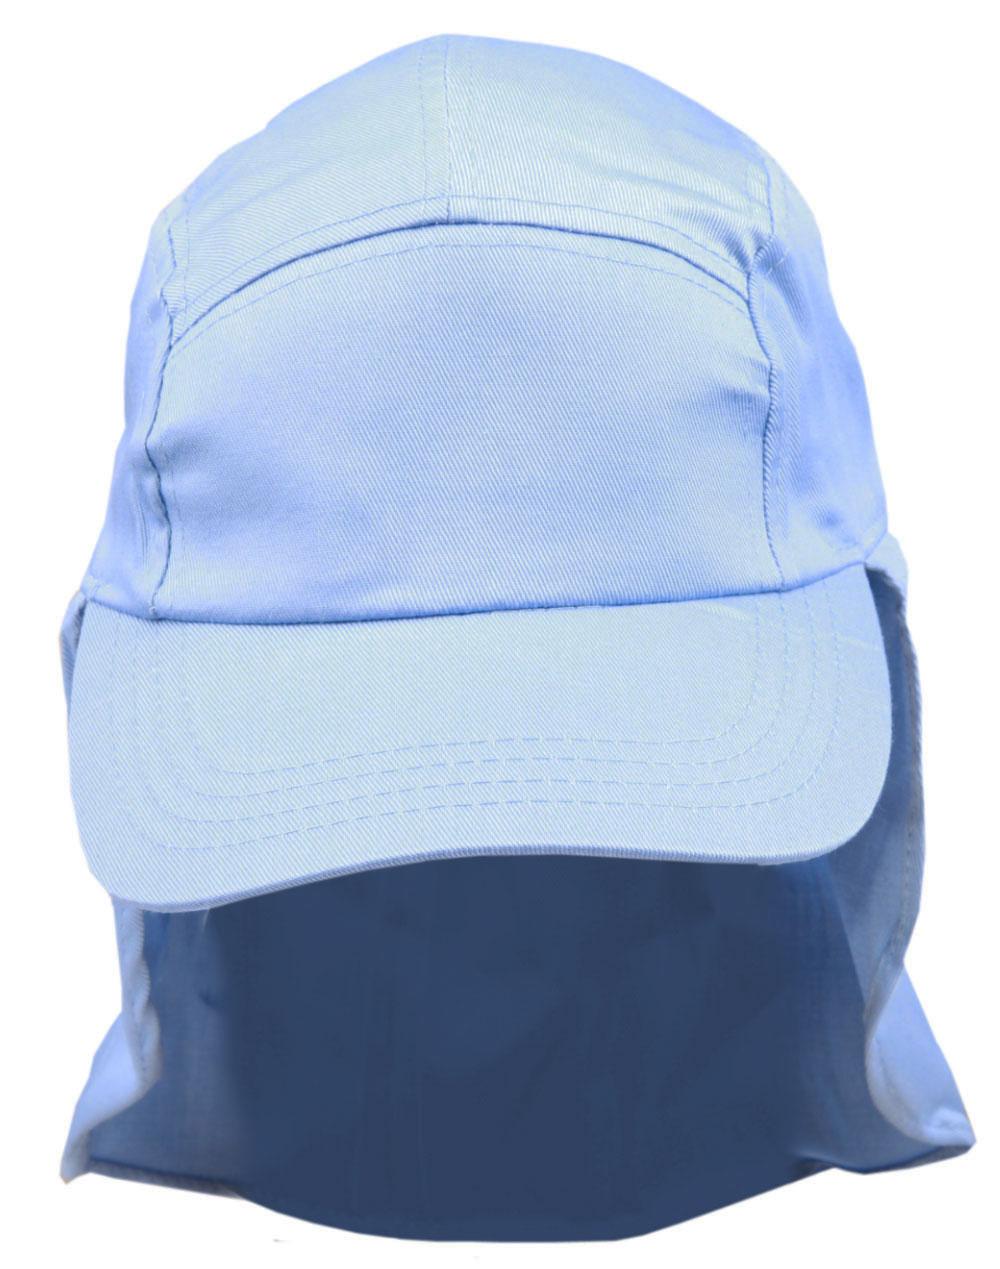 a55b9e8d206 Fabric  Poly   Cotton Twill